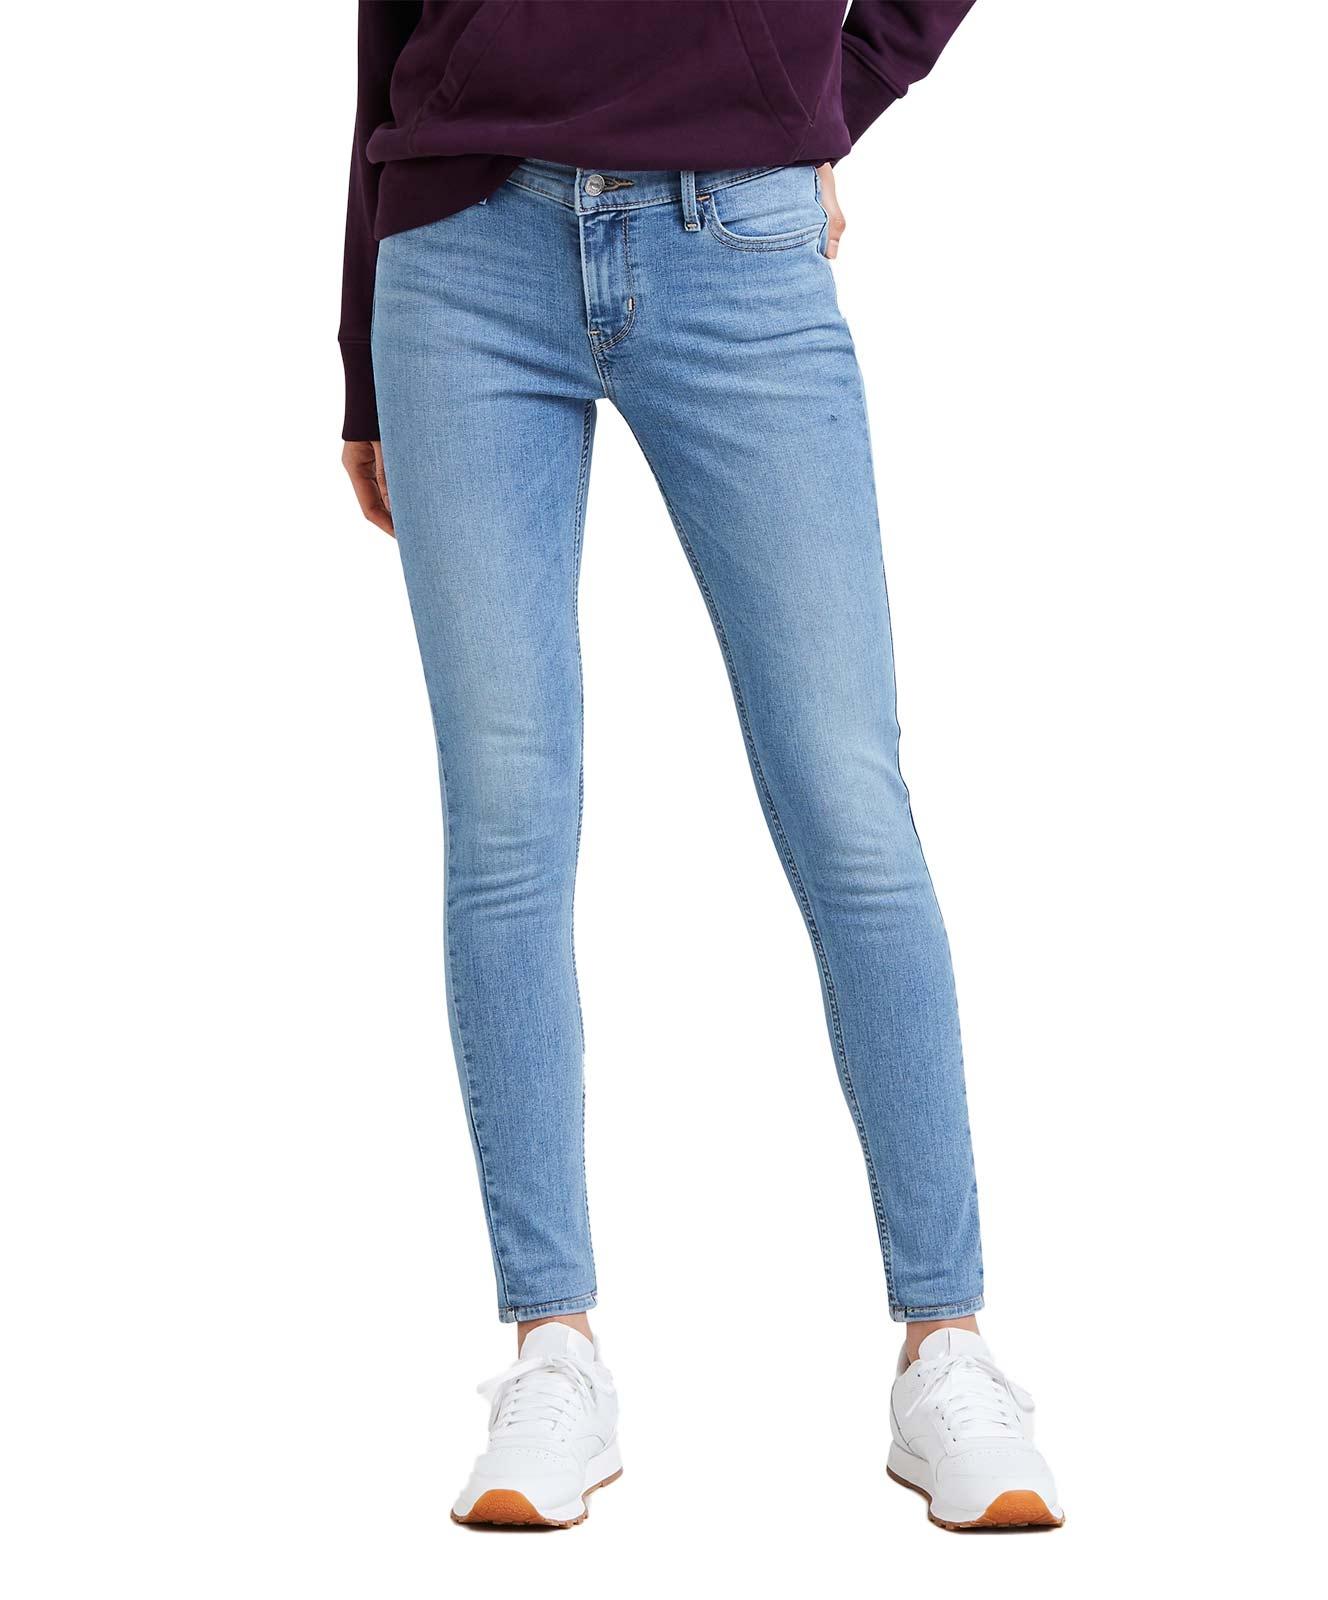 Hosen für Frauen - Levi's 710 Super Skinny Jeans mit extrahohen Stretchanteil  - Onlineshop Jeans Meile